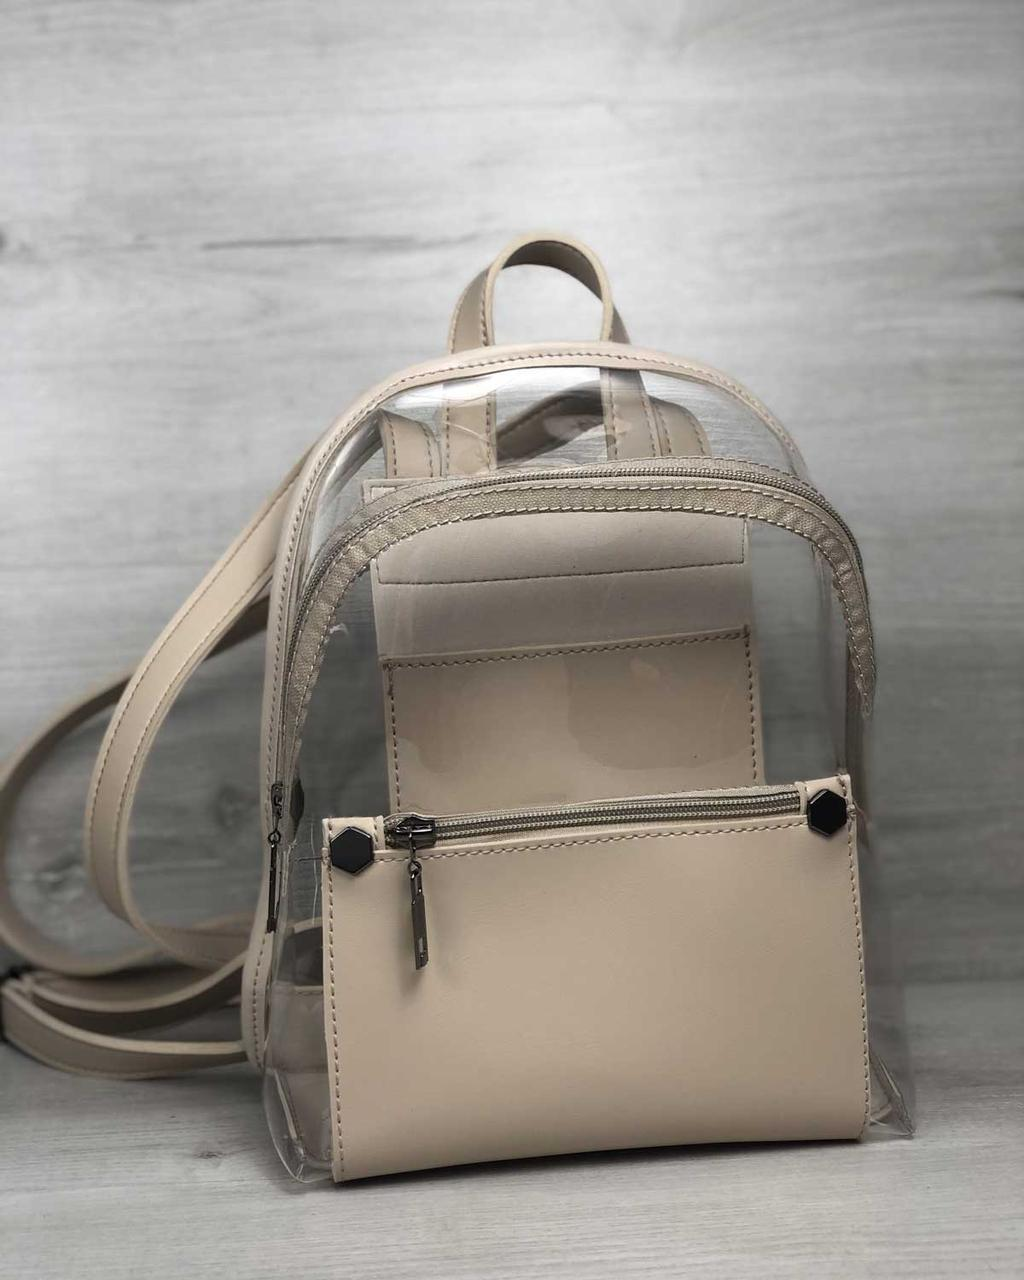 Жіночий рюкзак Бонні бежевий з силіконом (прозорий)